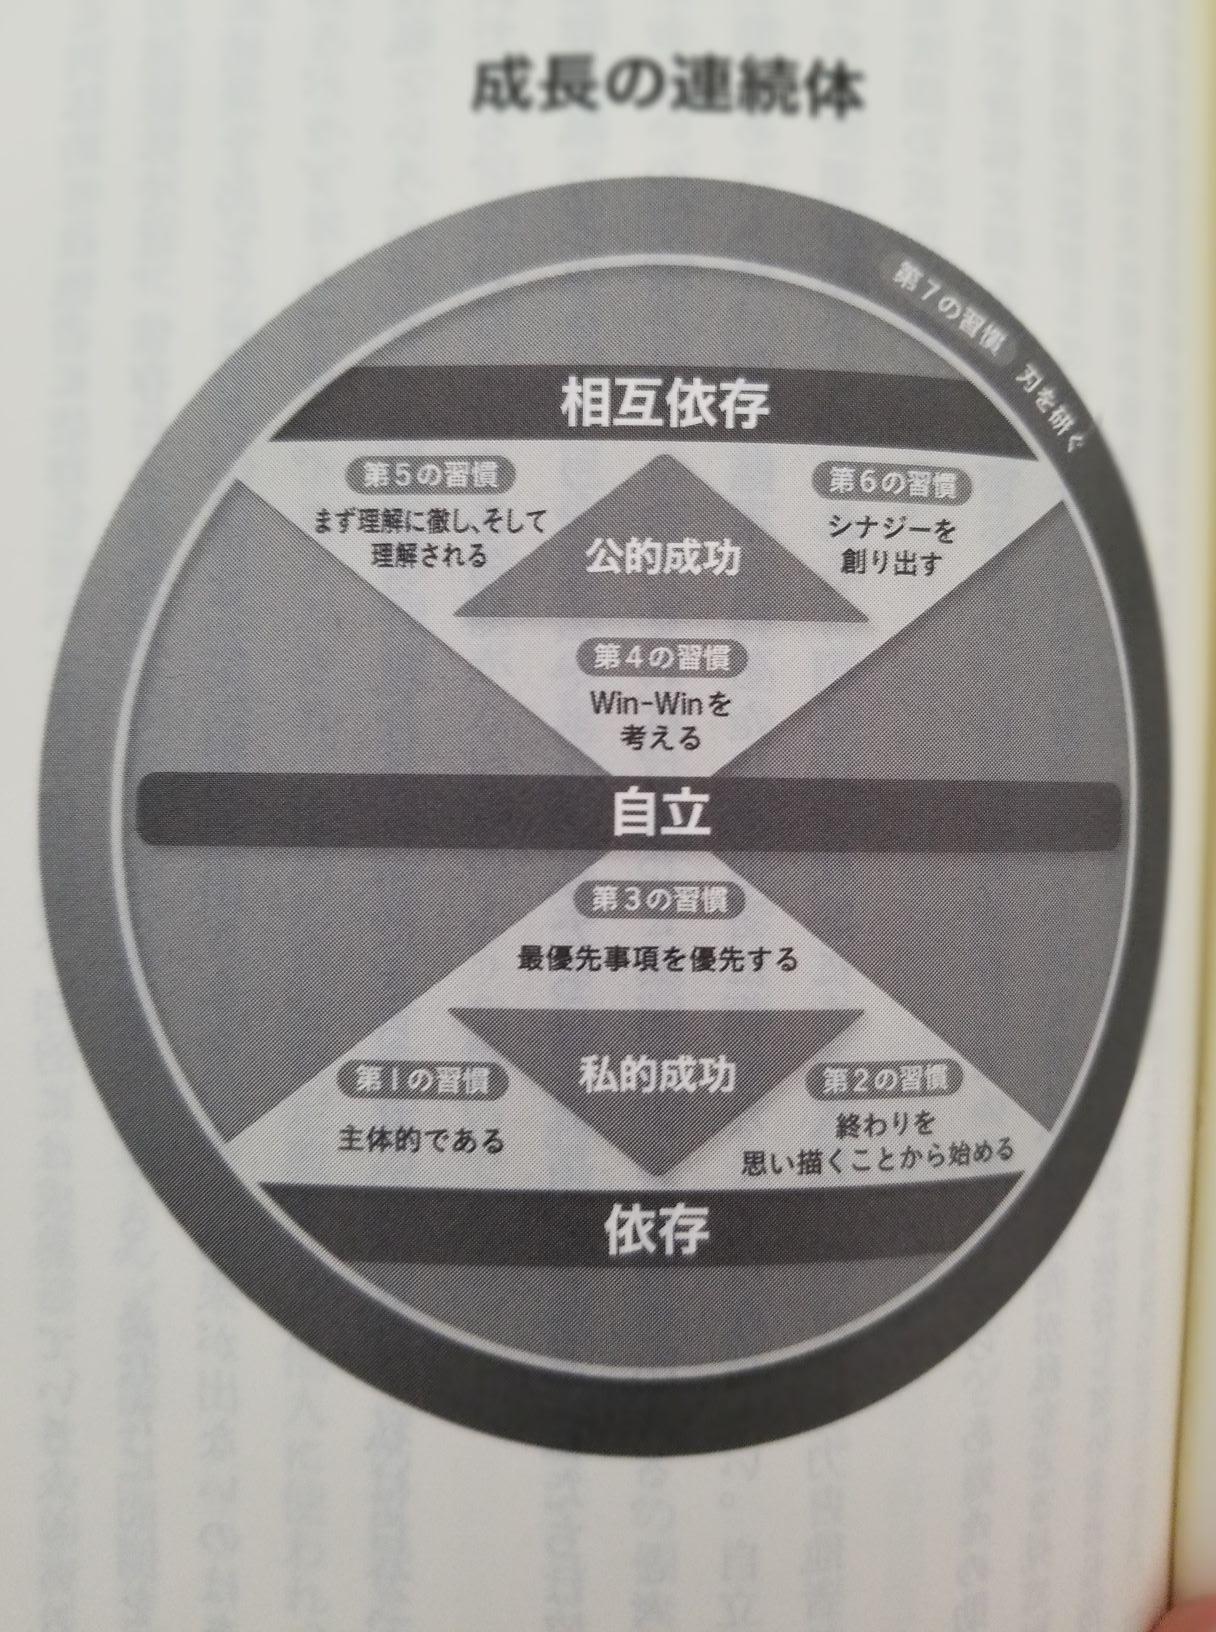 7つの習慣のポイント要約